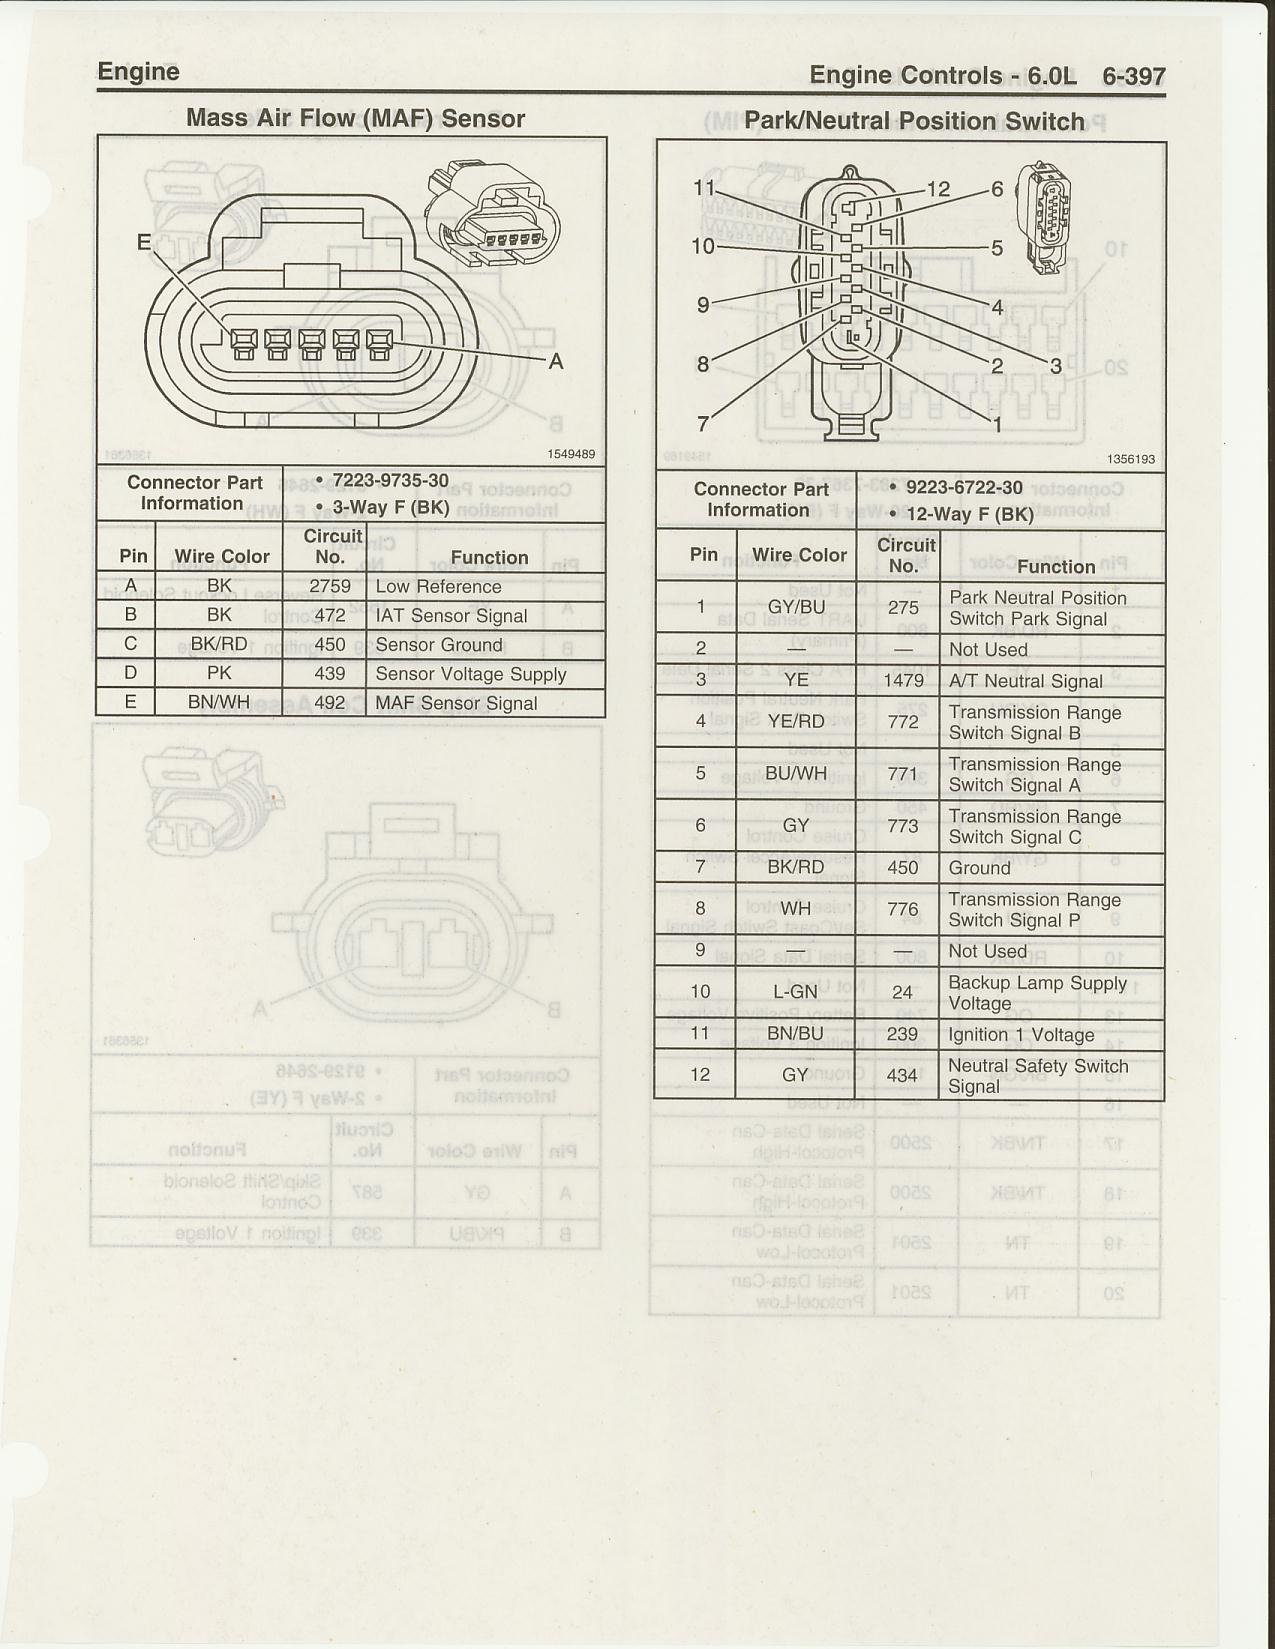 ls2 maf wiring diagram